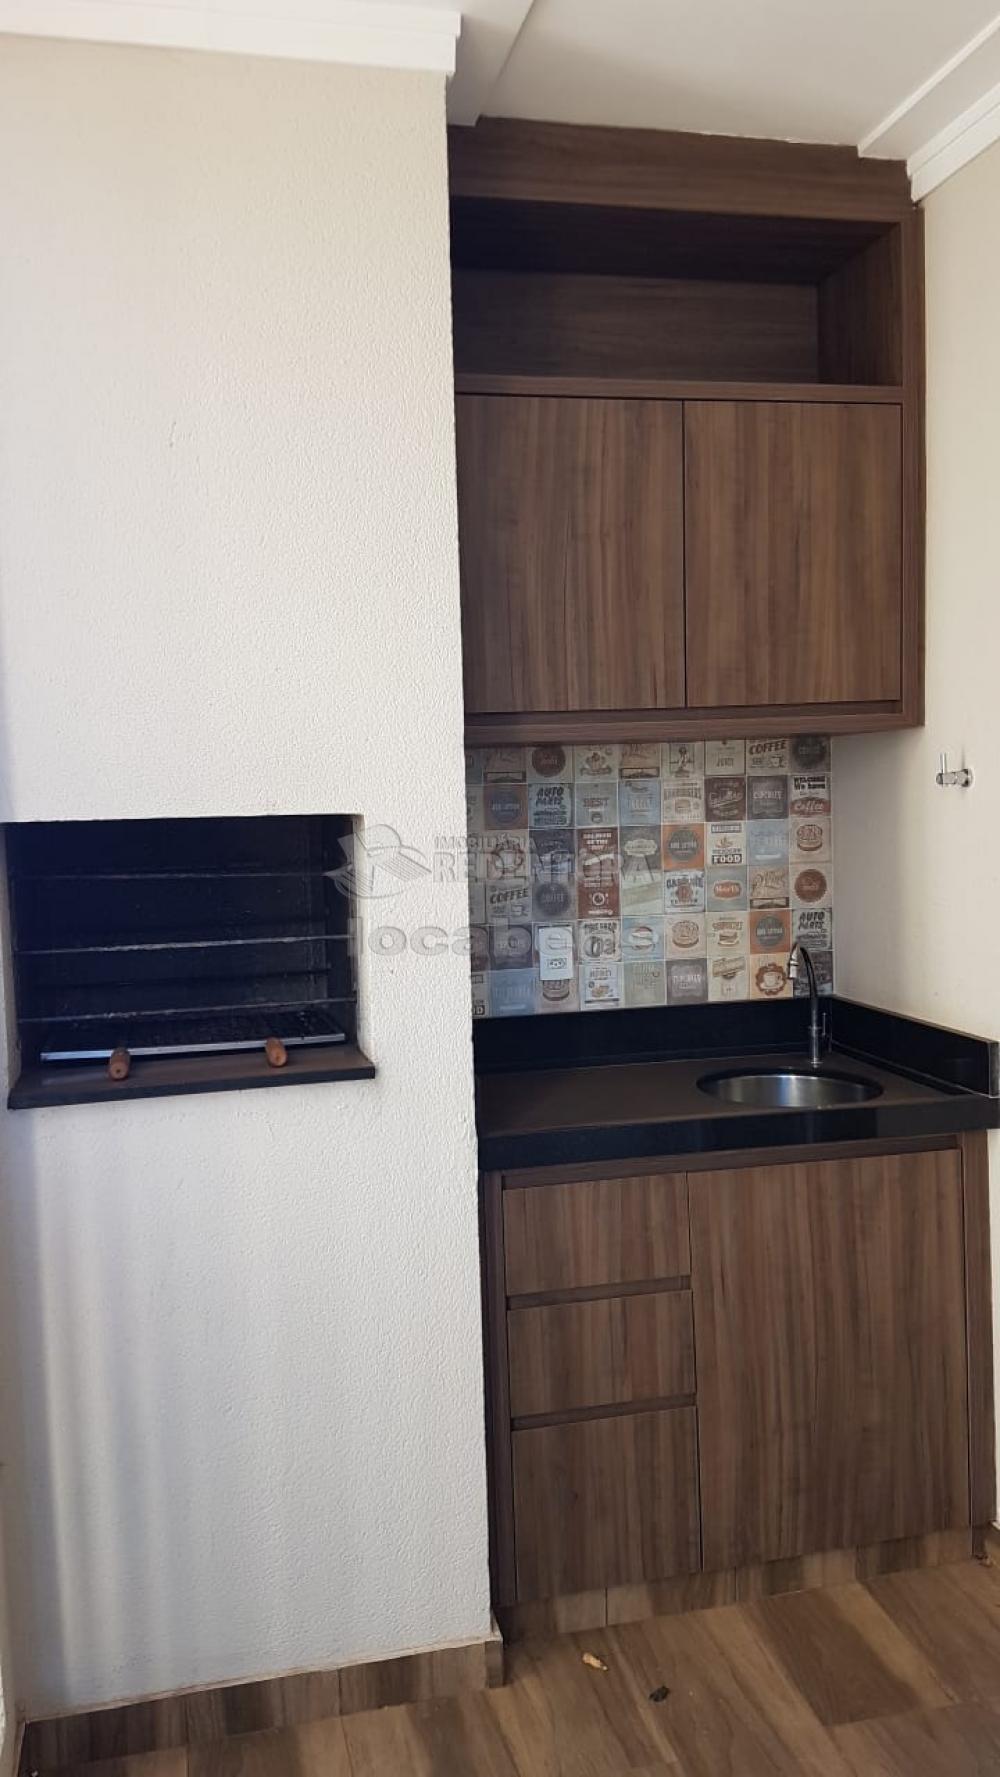 Alugar Apartamento / Padrão em São José do Rio Preto apenas R$ 1.800,00 - Foto 4